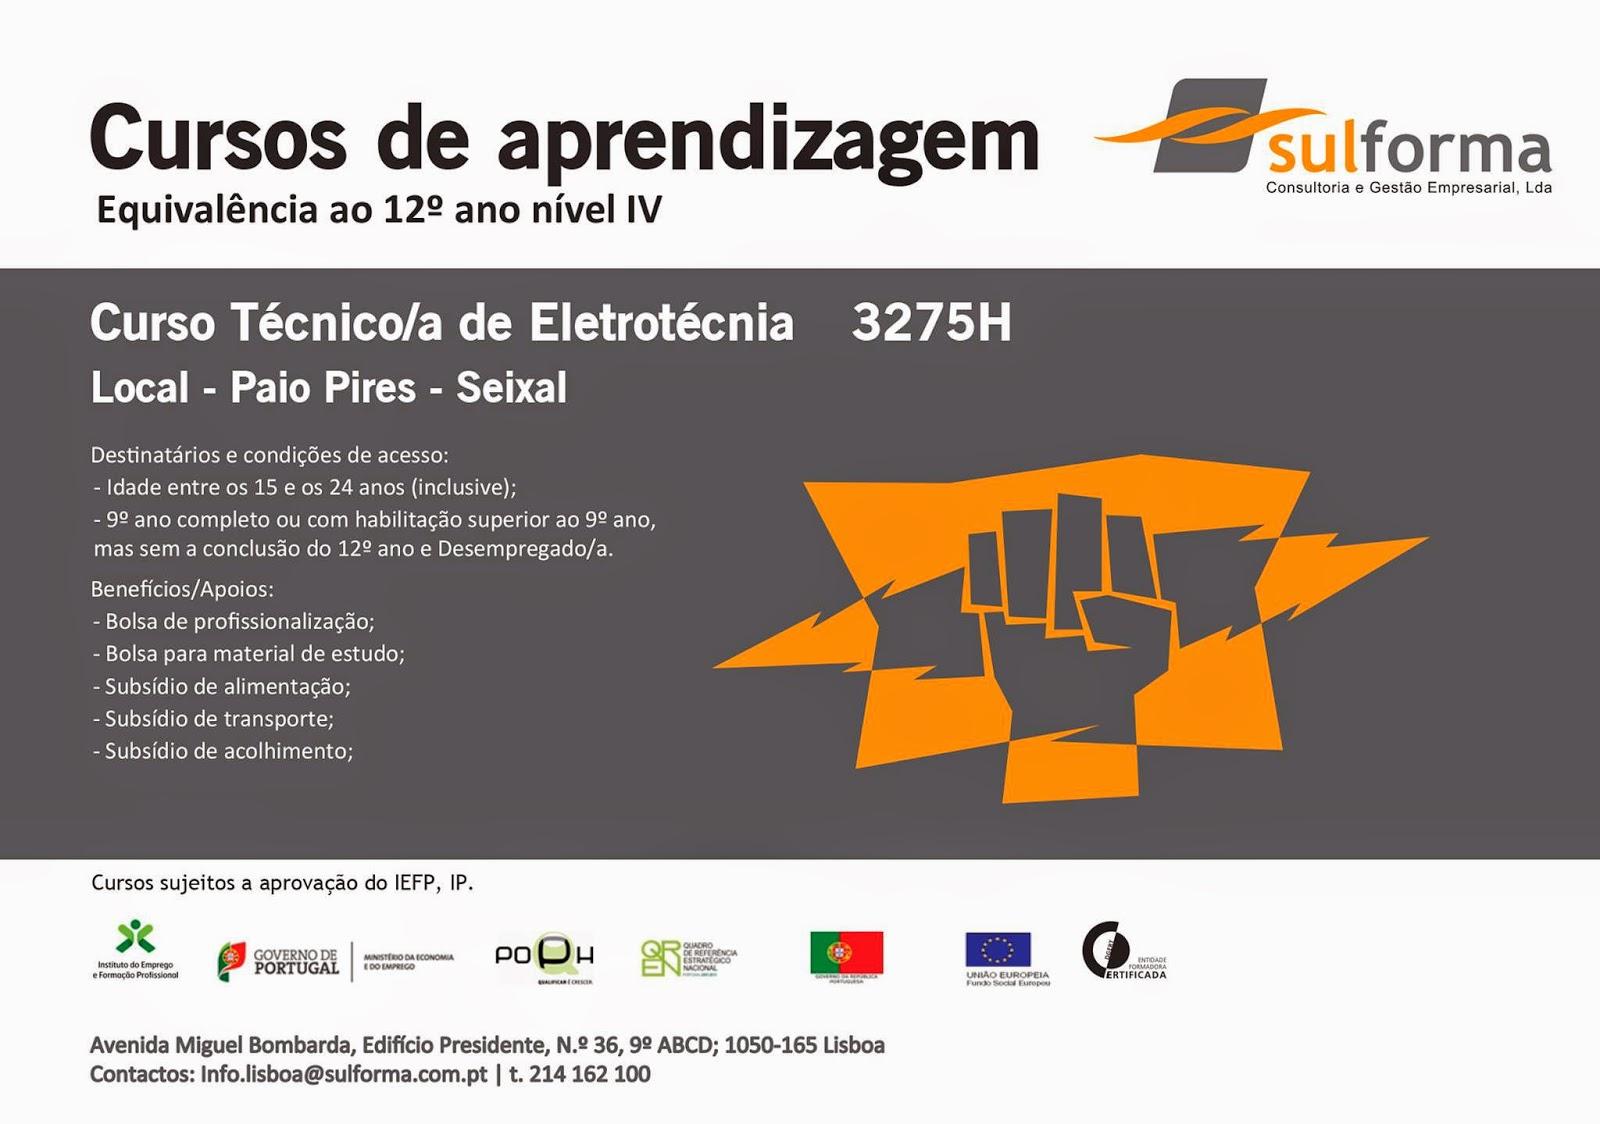 Curso de aprendizagem de Técnico de Eletrotécnia em Paio Pires – Seixal (equivalência ao 12º ano)